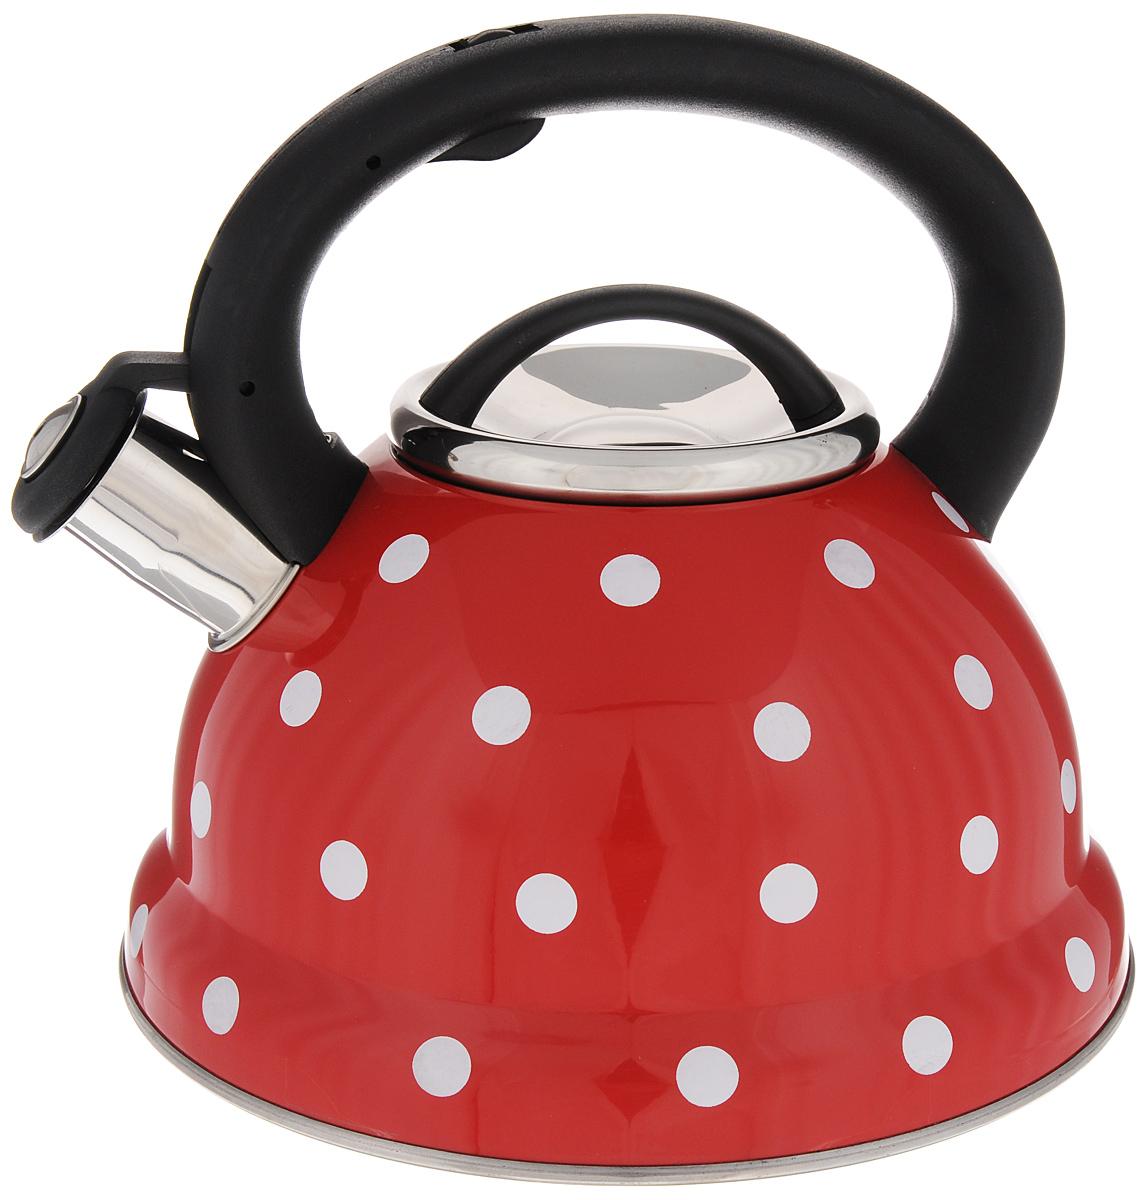 Чайник Mayer & Boch Горох, со свистком, 2,8 л. 2497324973Чайник со свистком Mayer & Boch изготовлен из высококачественной нержавеющей стали, что обеспечивает долговечность использования. Носик чайника оснащен откидным свистком, звуковой сигнал которого подскажет, когда закипит вода. Фиксированная ручка, изготовленная из пластика и цинка, снабжена клавишей для открывания носика, что делает использование чайника очень удобным и безопасным. Чайник Mayer & Boch - качественное исполнение и стильное решение для вашей кухни. Подходит для всех типов плит, включая индукционные. Можно мыть в посудомоечной машине. Высота чайника (с учетом ручки): 21,5 см.Высота чайника (без учета ручки и крышки): 12 см.Диаметр чайника (по верхнему краю): 10 см.Диаметр основания: 22 см.